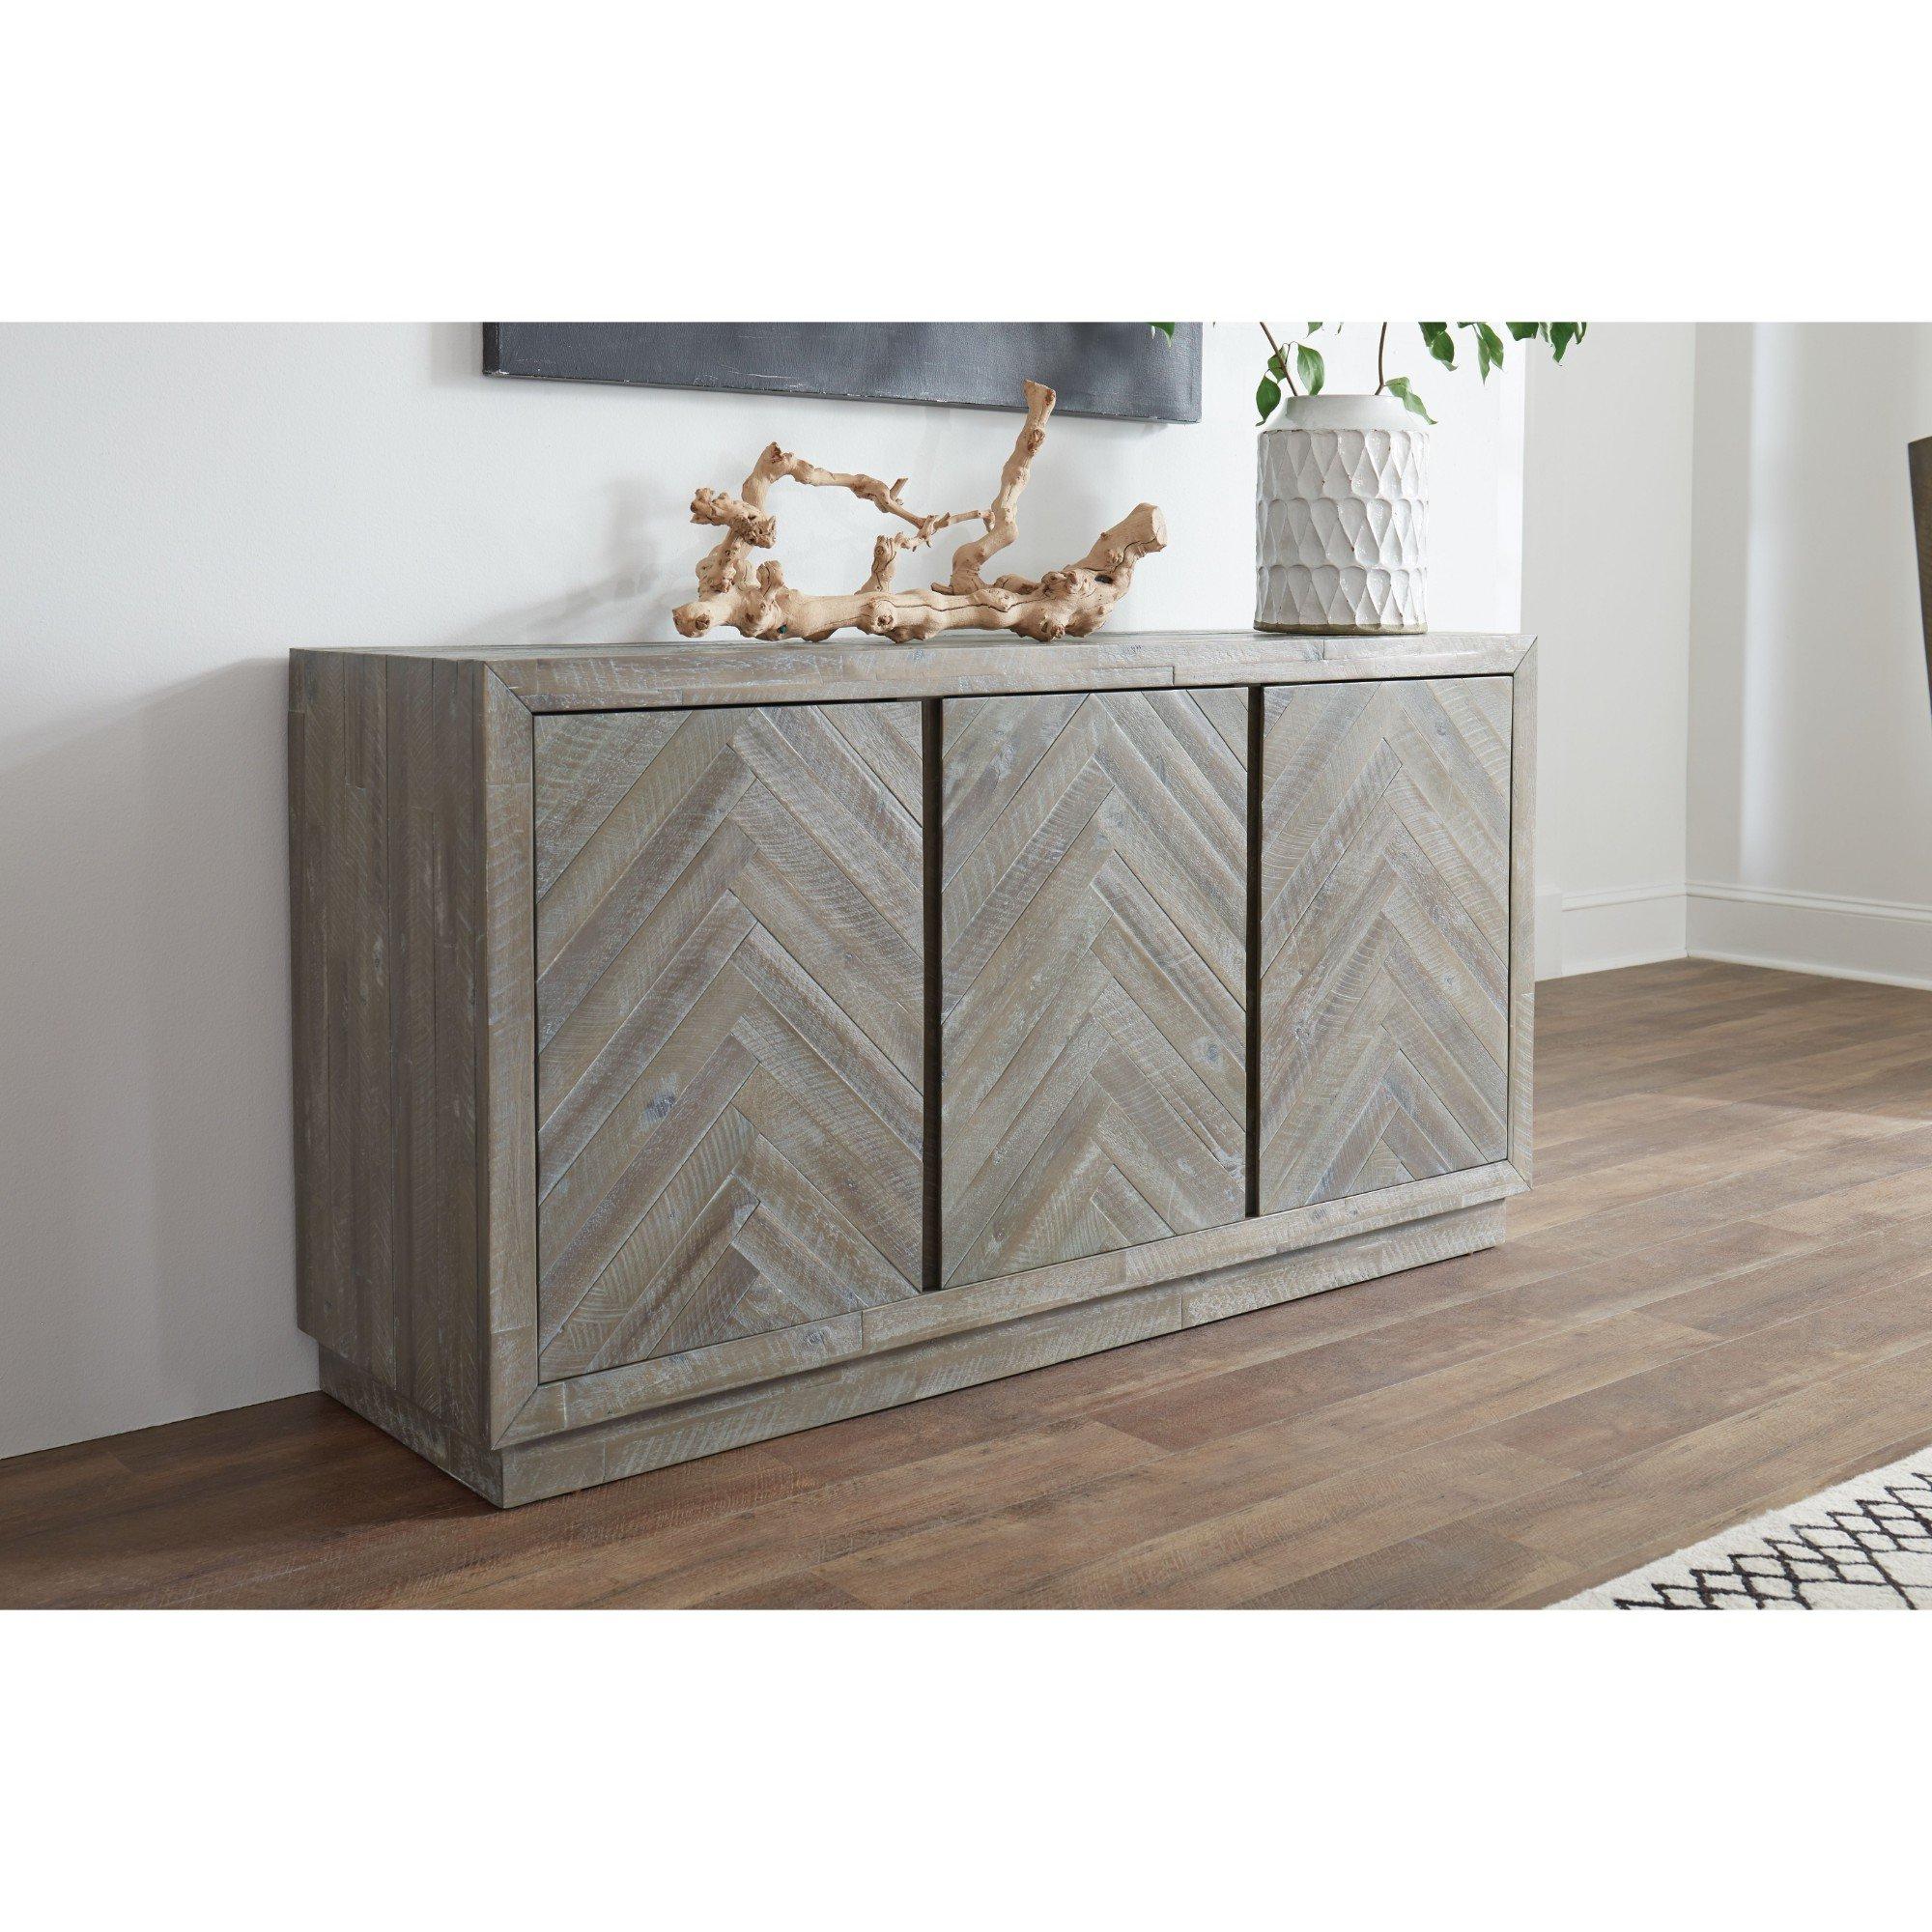 Wayfair Pertaining To Arminta Wood Sideboards (Gallery 4 of 20)